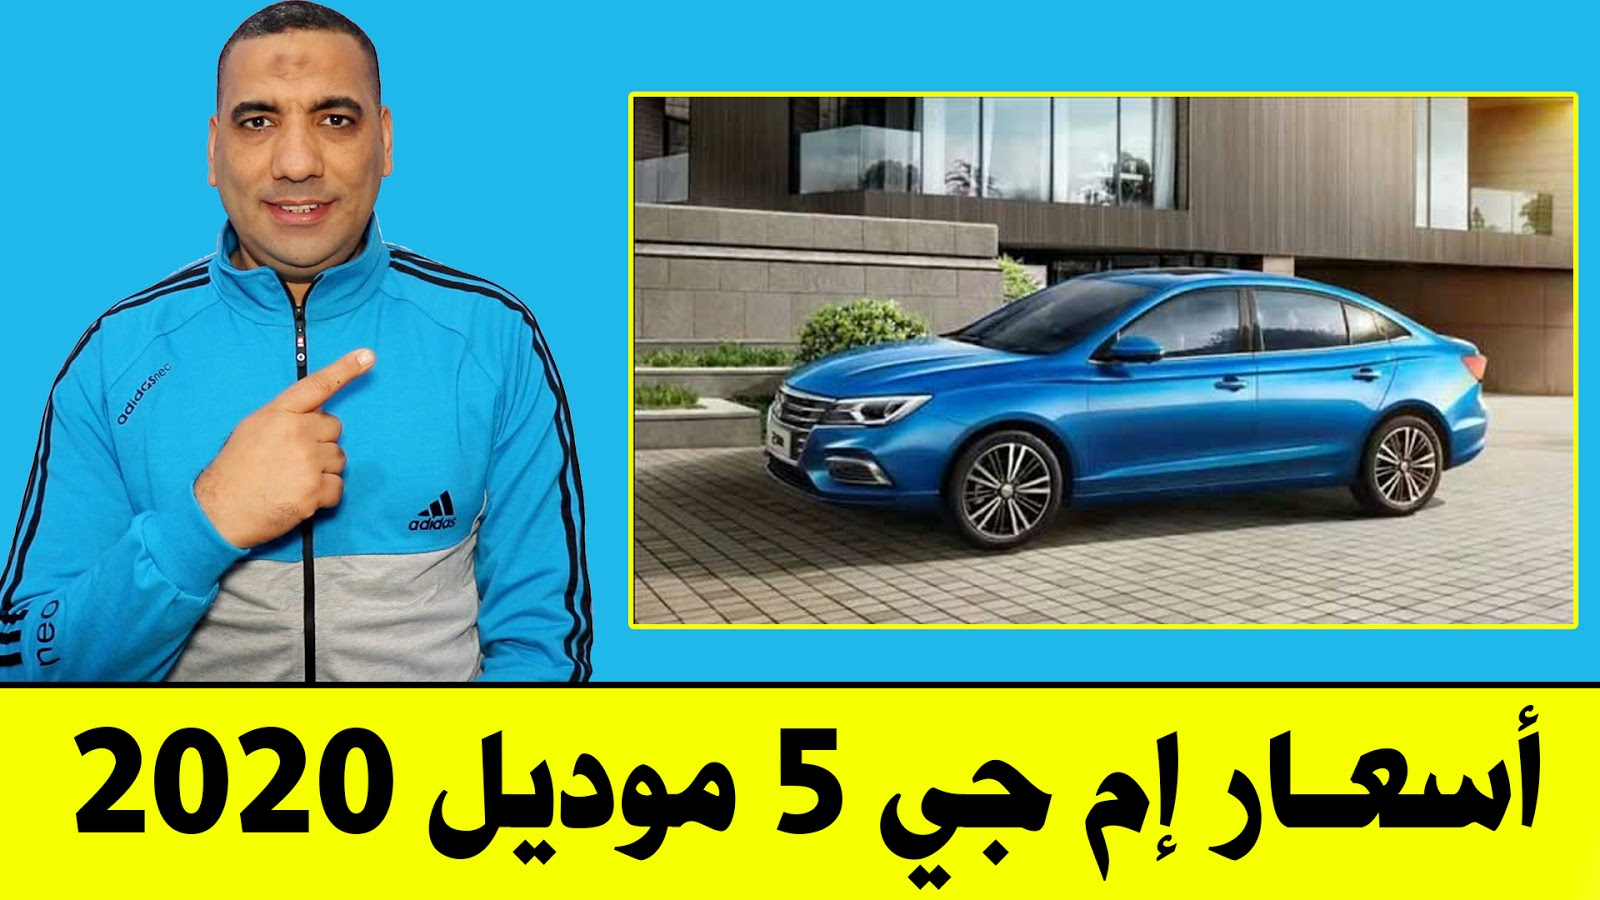 هاني للسيارات Hany Car أسعار سيارة إم جي 5 Mg 5 موديل 2020 كاش في مصر ومواصفات السيارة